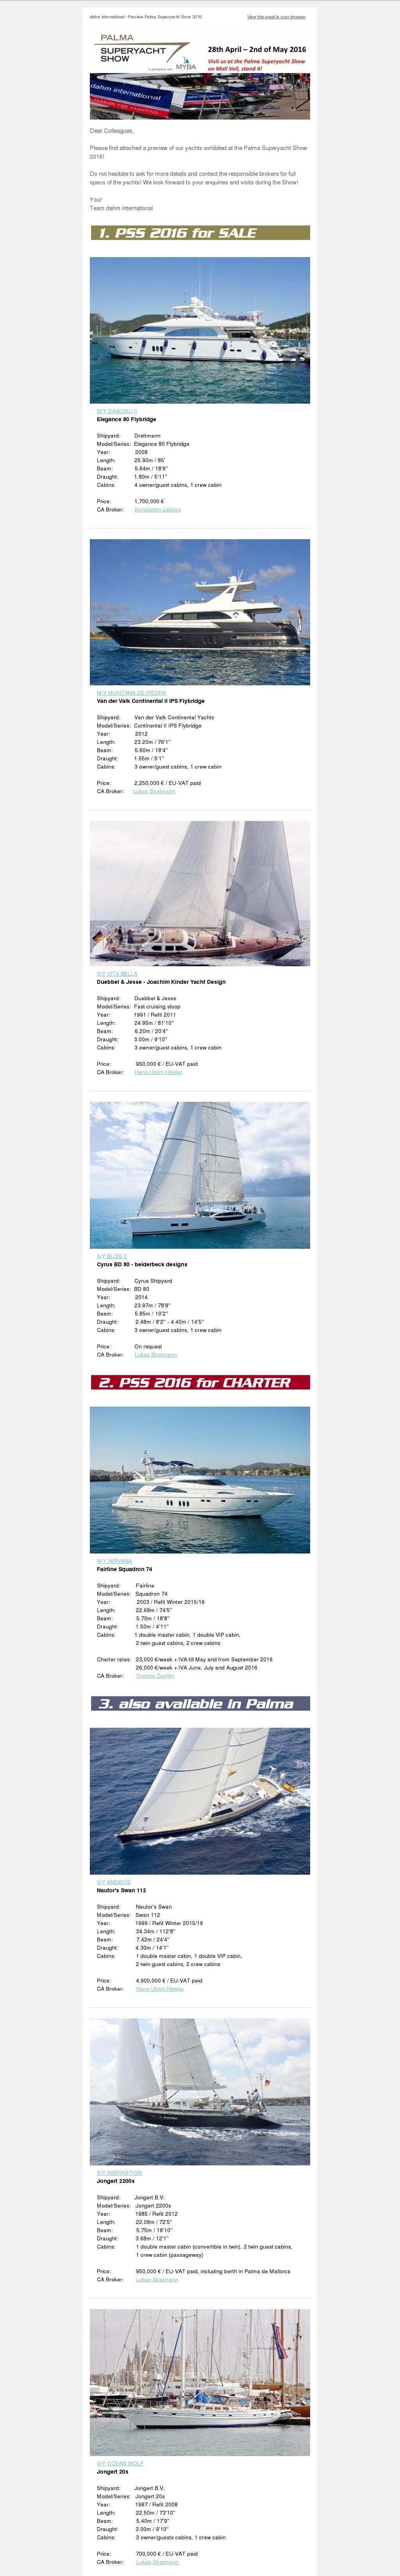 Palma Superyacht Show April 2016